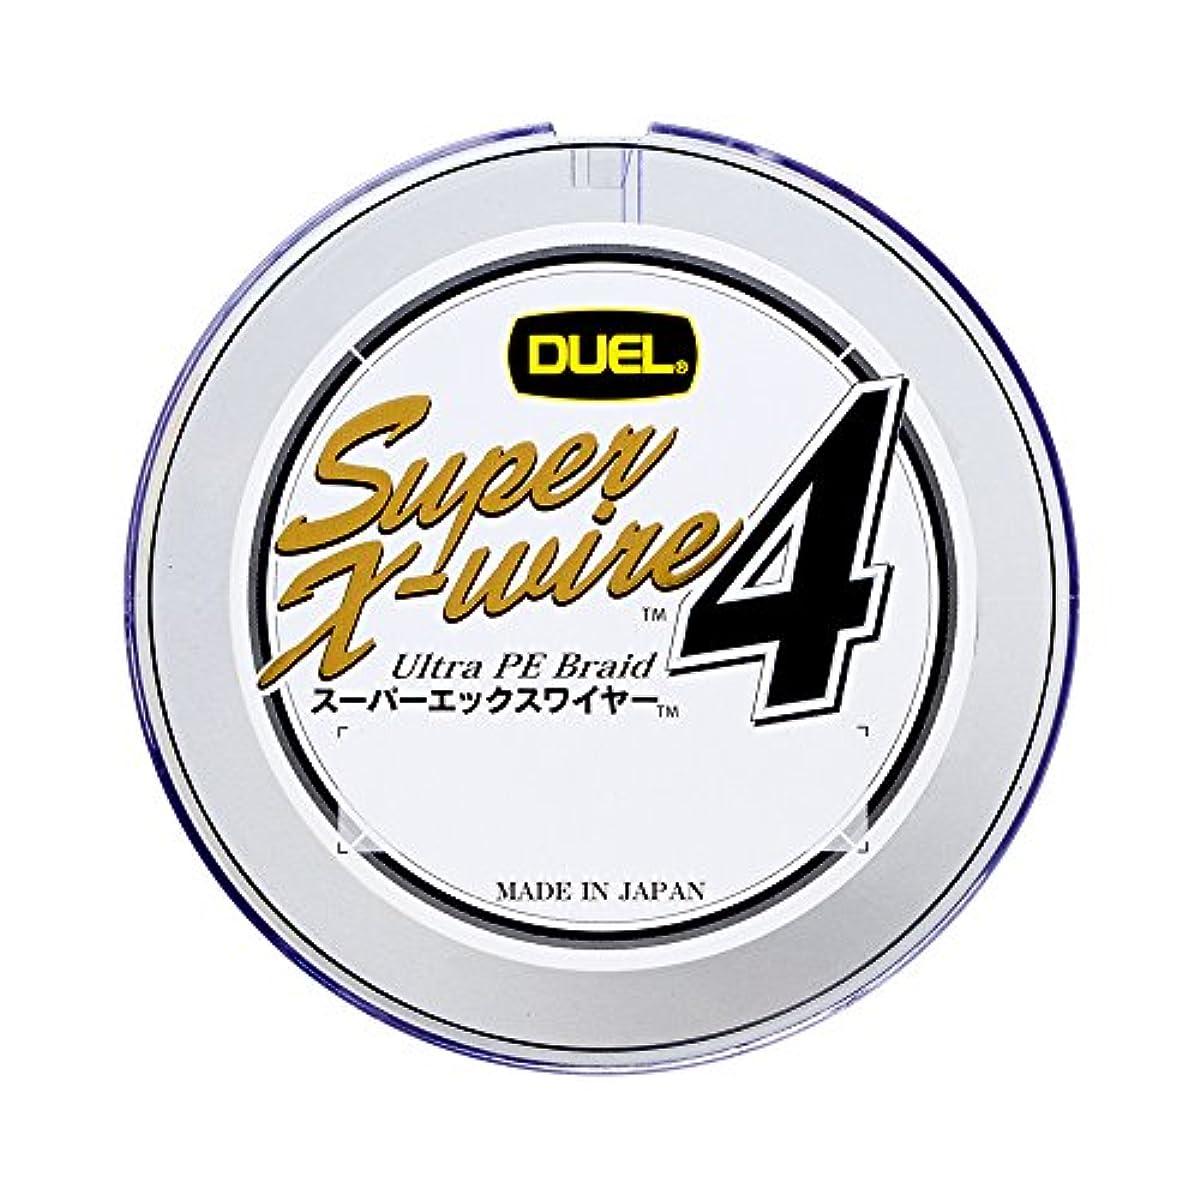 [해외] 듀엘 슈퍼 X 와이어4 SUPER X-WIRE 4 10M머더드5 색색별 분류